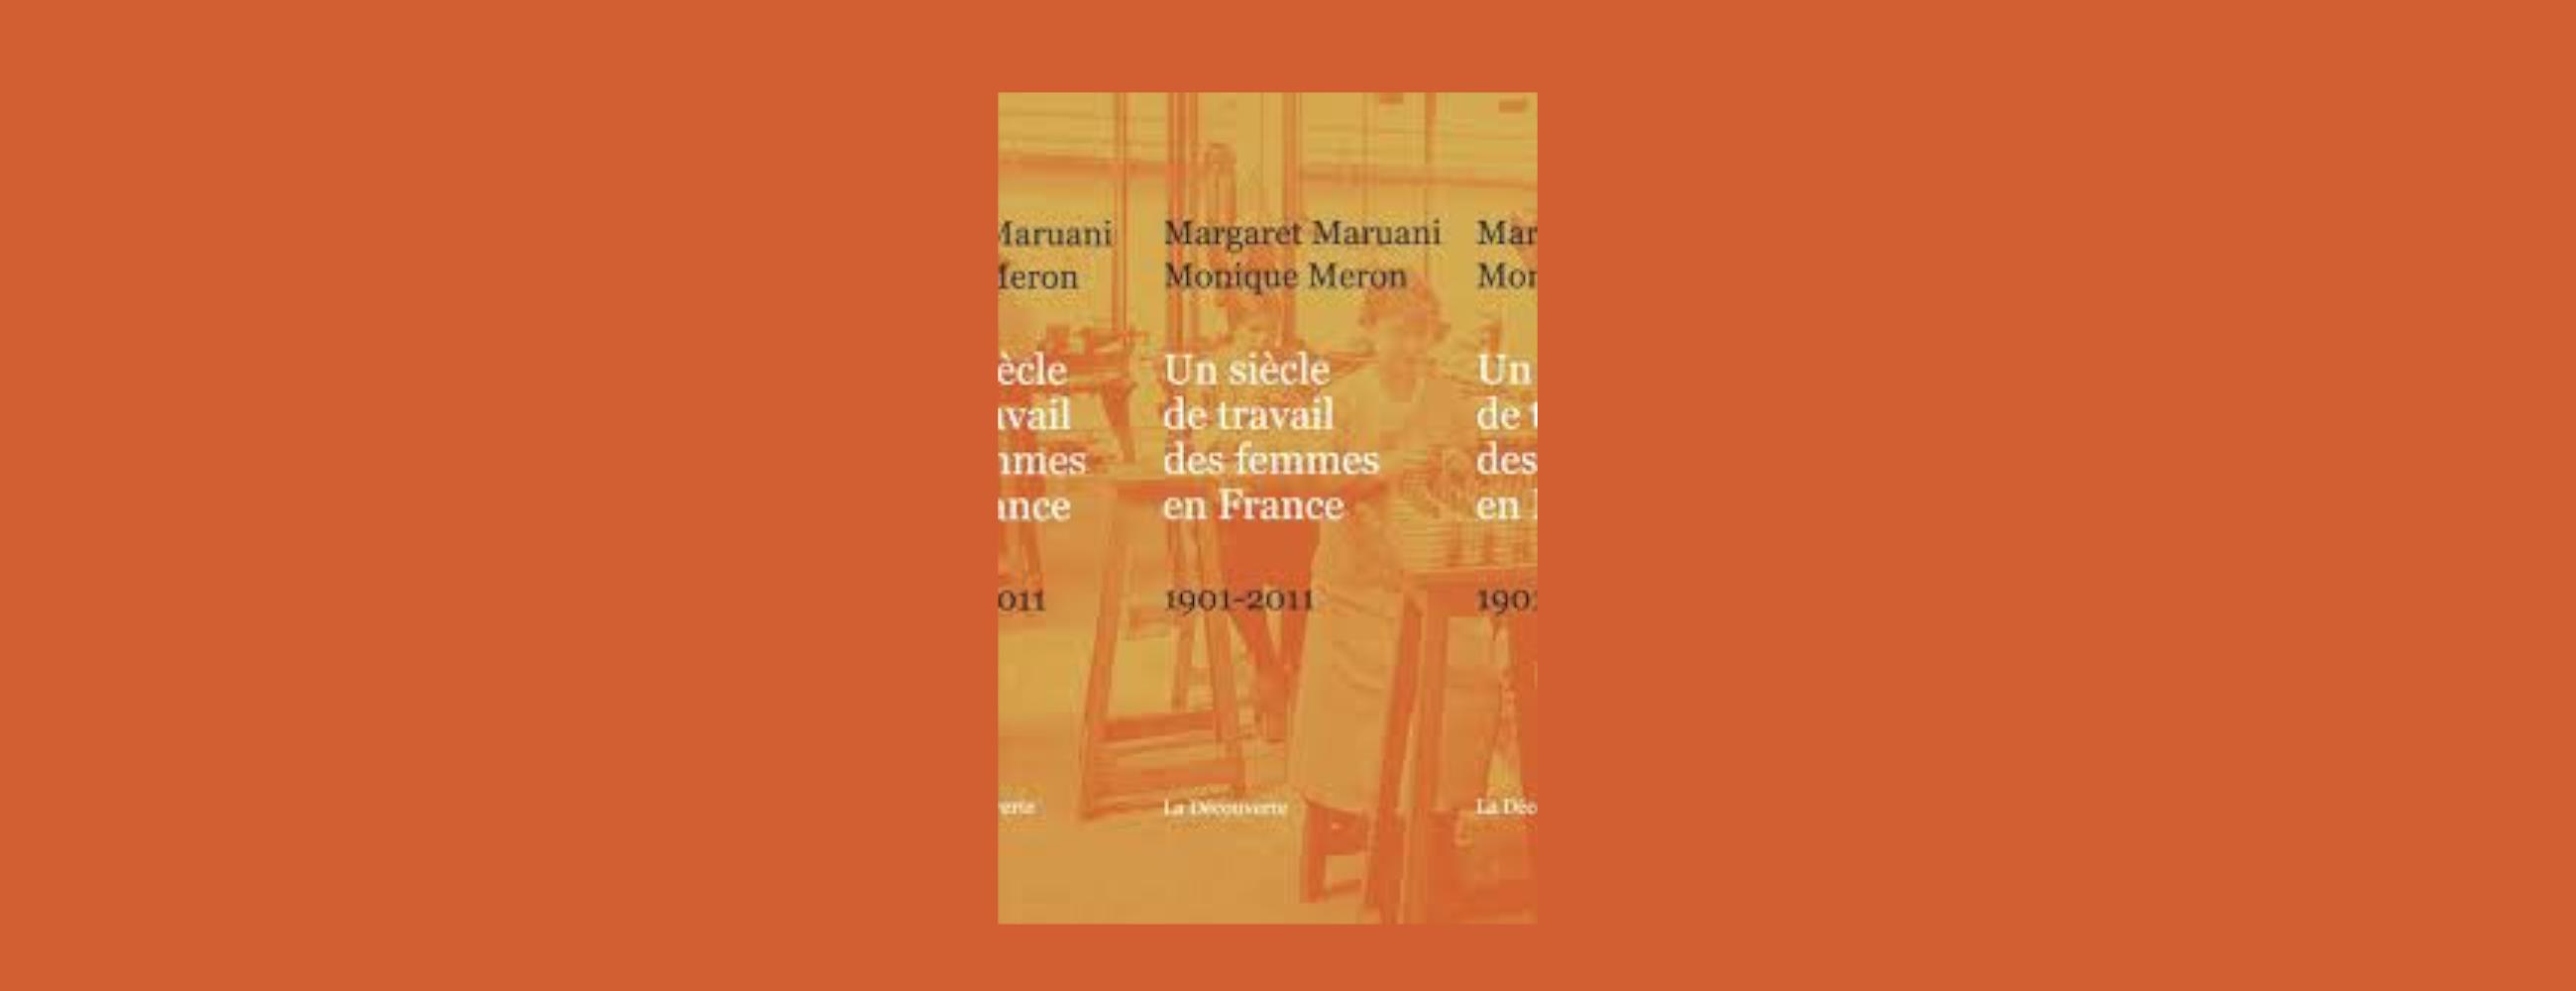 La place des femmes au travail en France au XXe siècle : le chiffre est politique, avec Margaret Maruani et Monique Meron (10 mars 2020)